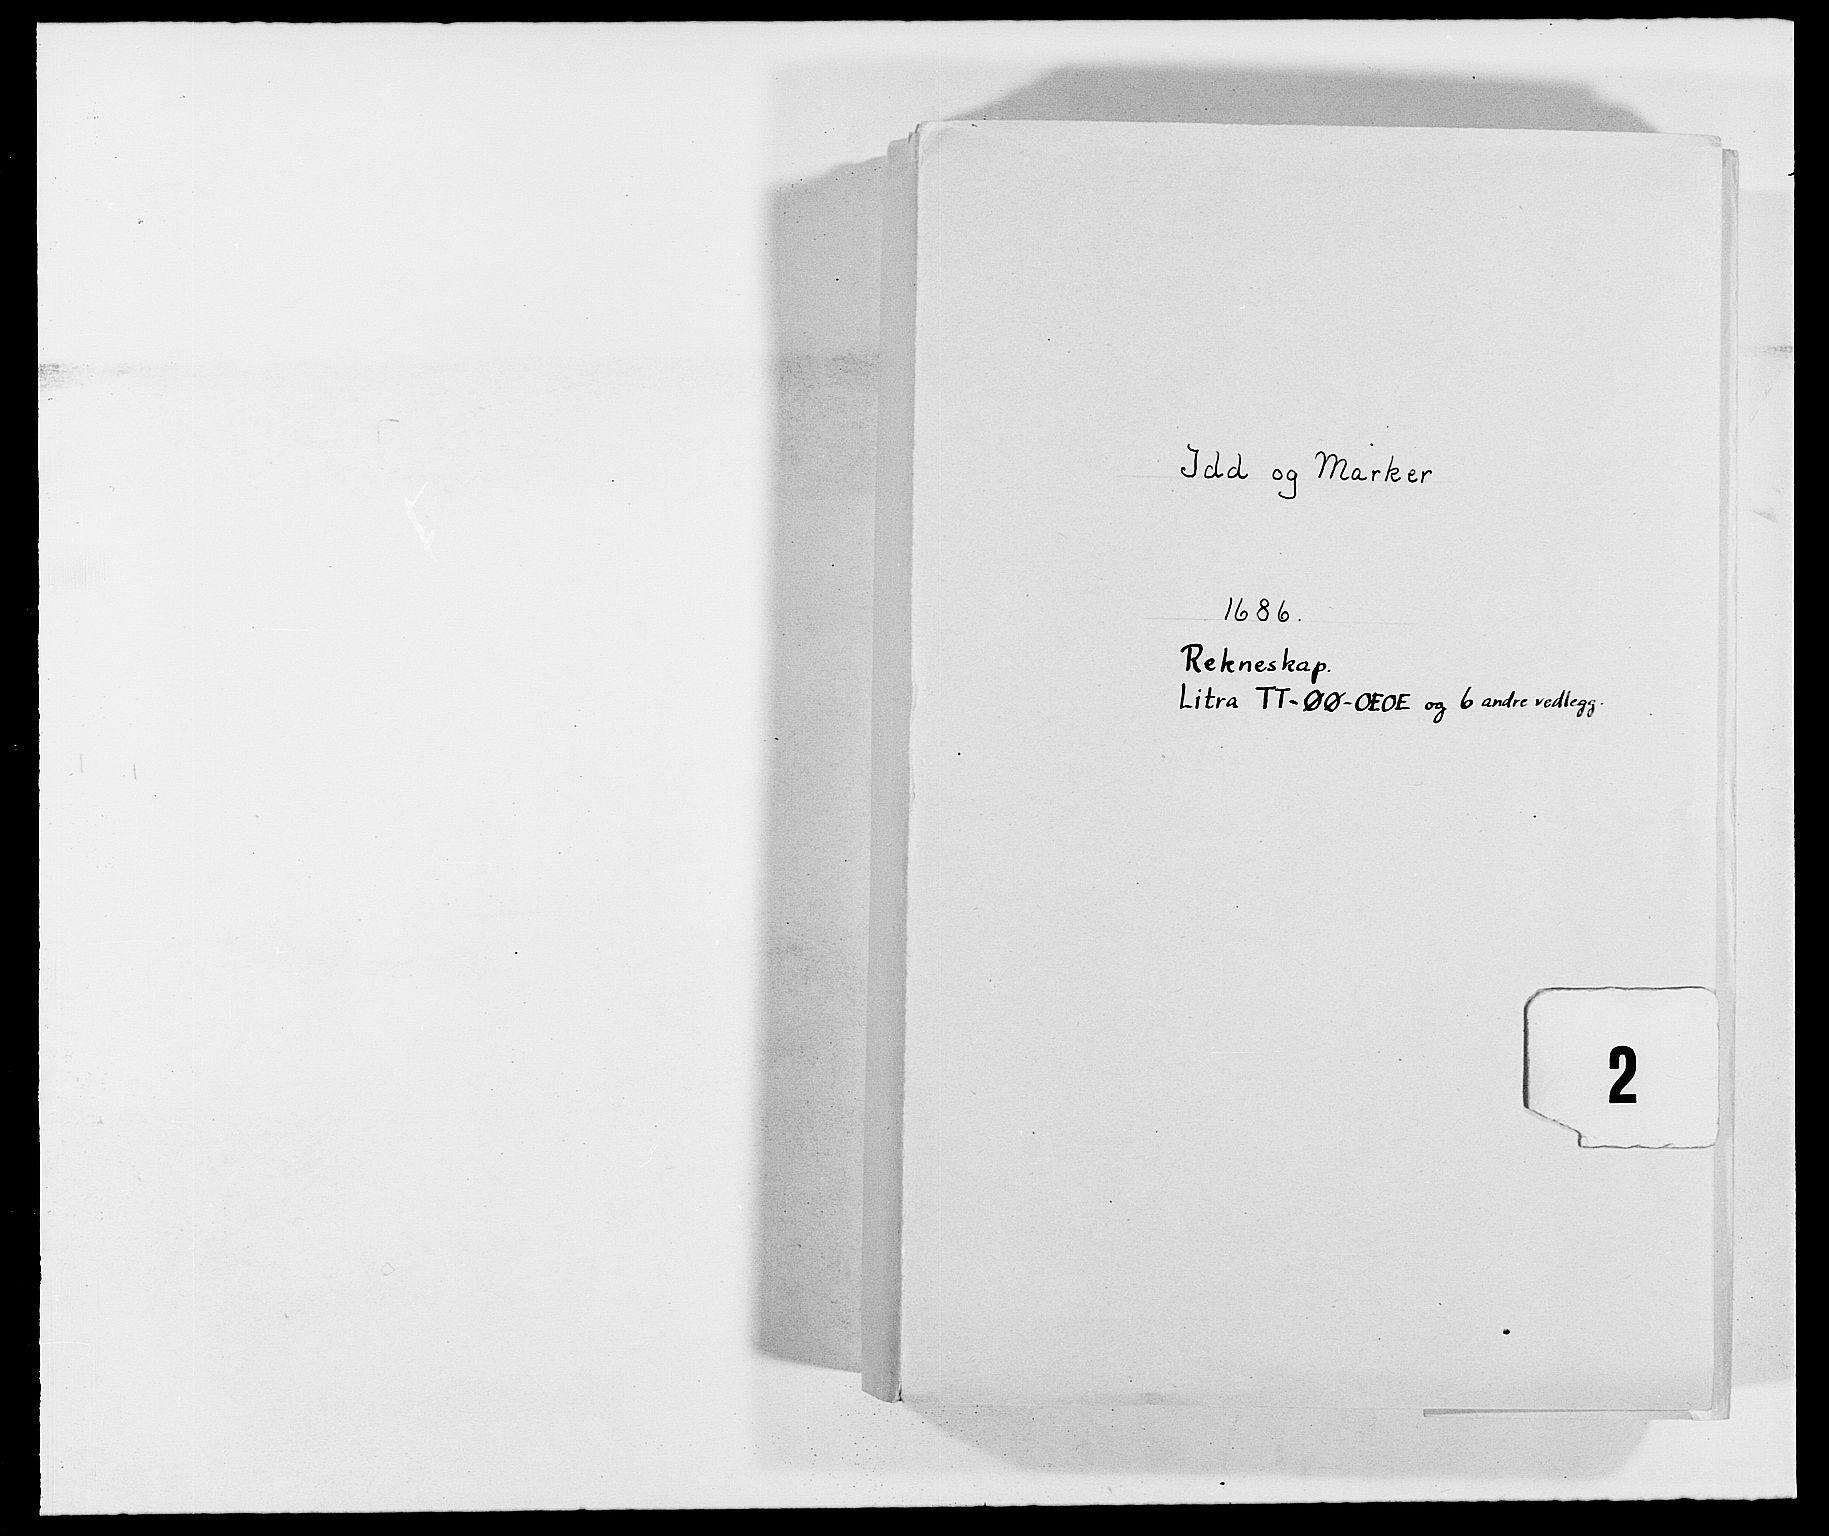 RA, Rentekammeret inntil 1814, Reviderte regnskaper, Fogderegnskap, R01/L0006: Fogderegnskap Idd og Marker, 1685-1686, s. 207